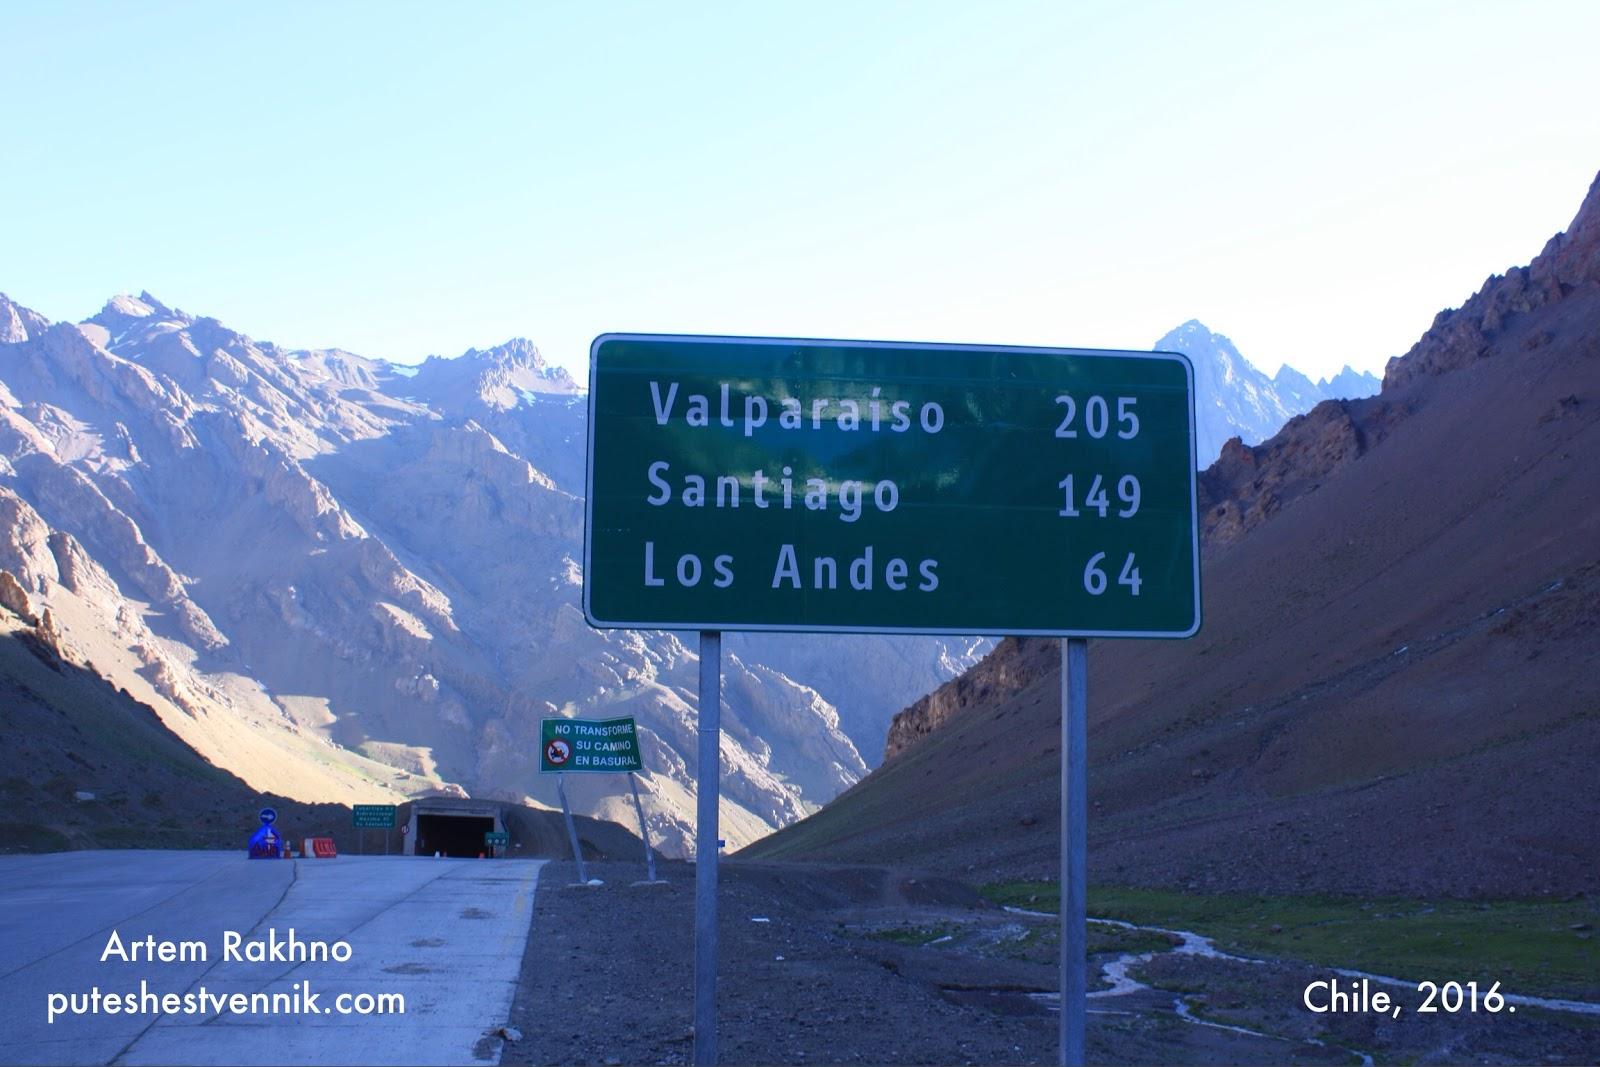 Указатель расстояний в Чили